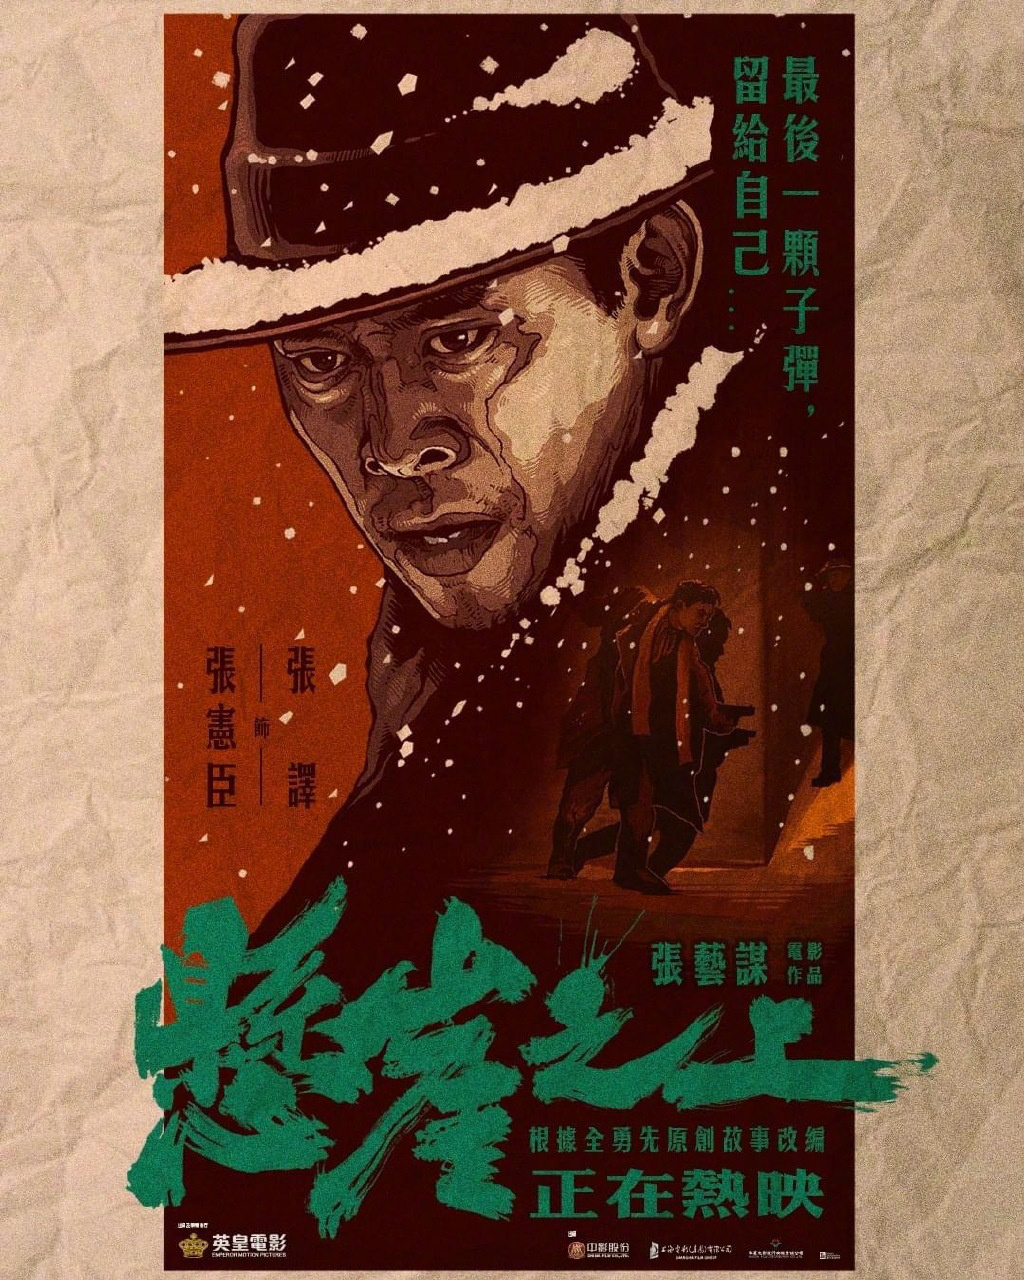 《悬崖之上》曝插画版角色海报 累计票房突破6亿